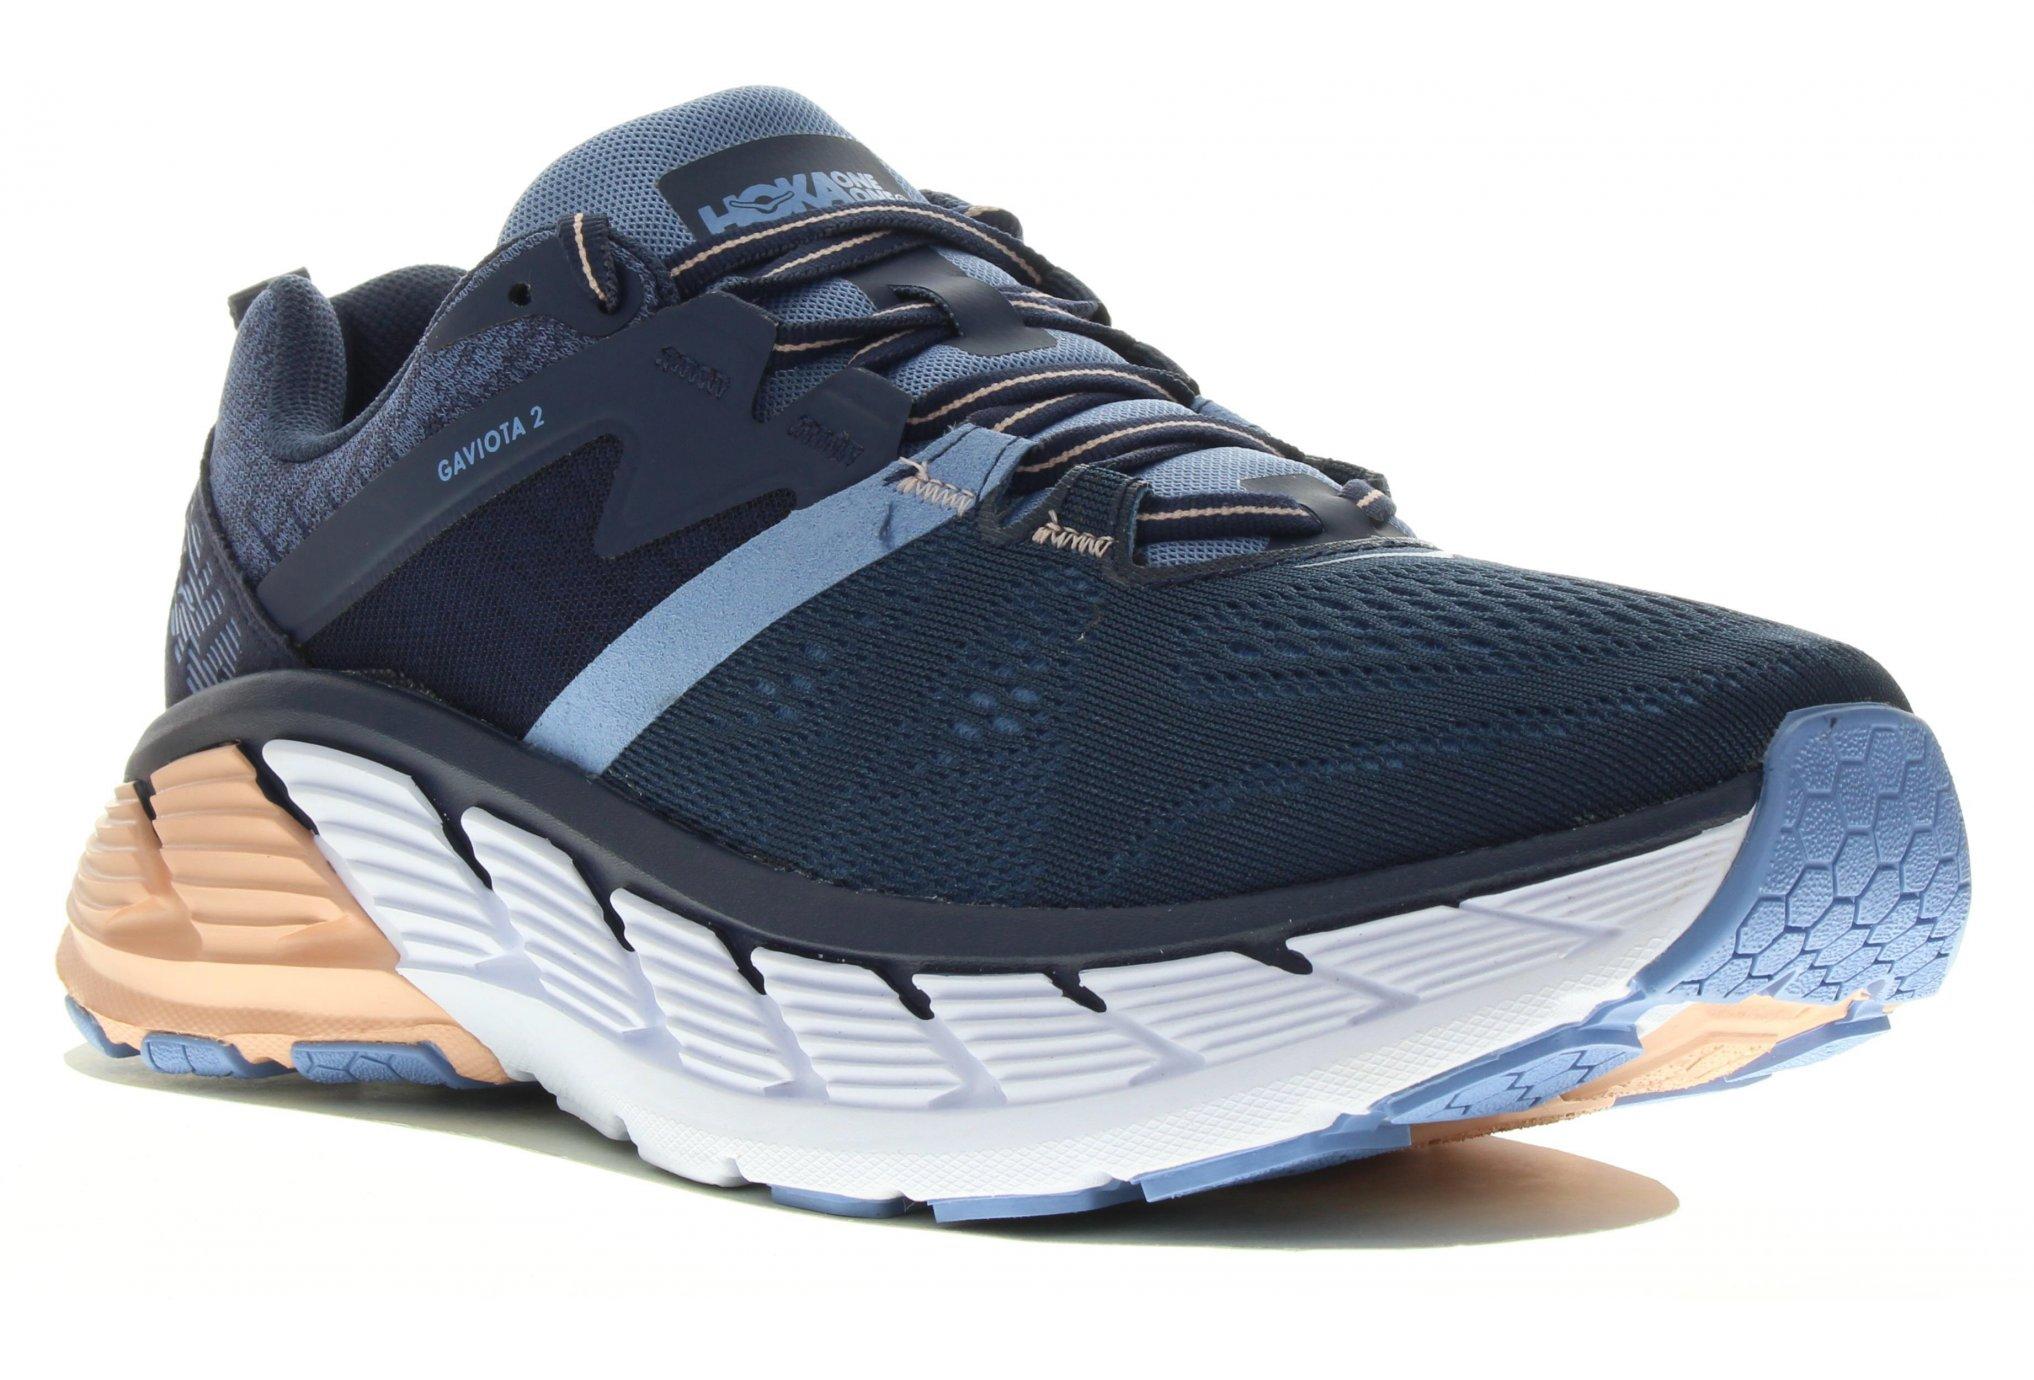 Hoka One One Gaviota 2 Wide Chaussures running femme